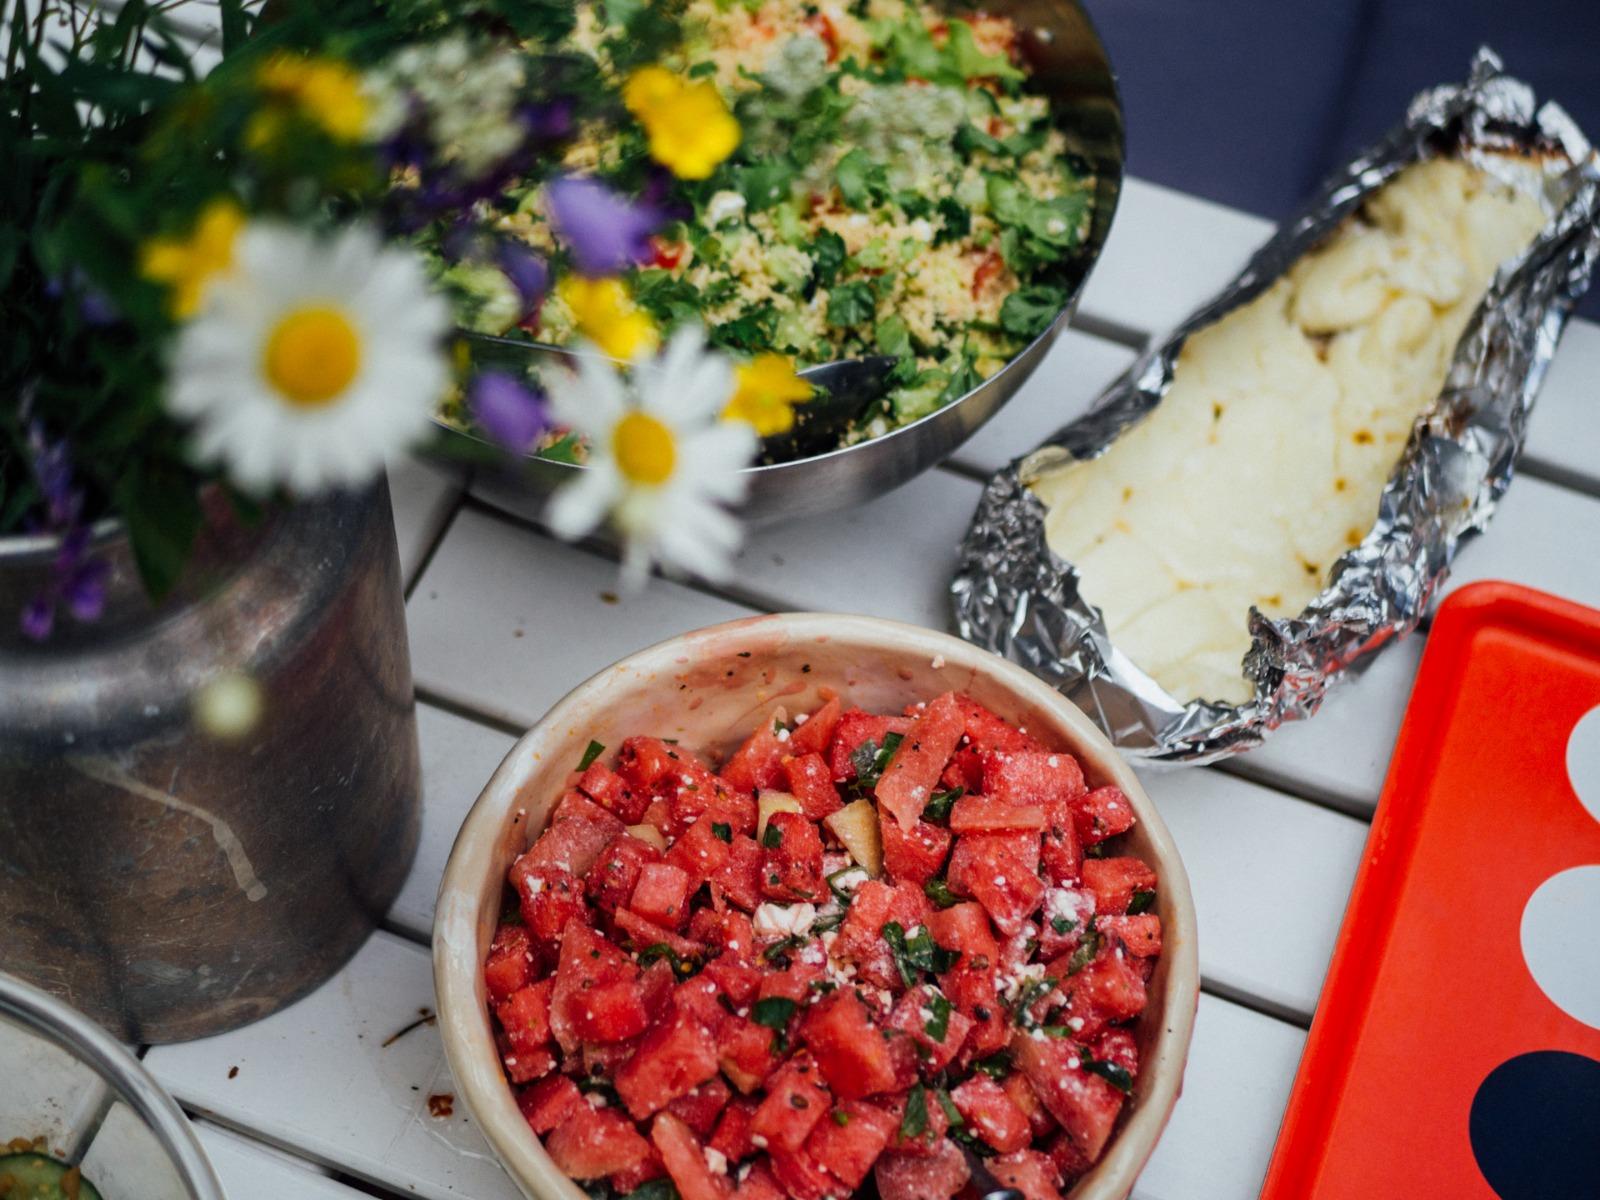 vesimelonisalaatti ja paistettua halloumia. Kuva henrietta soininen